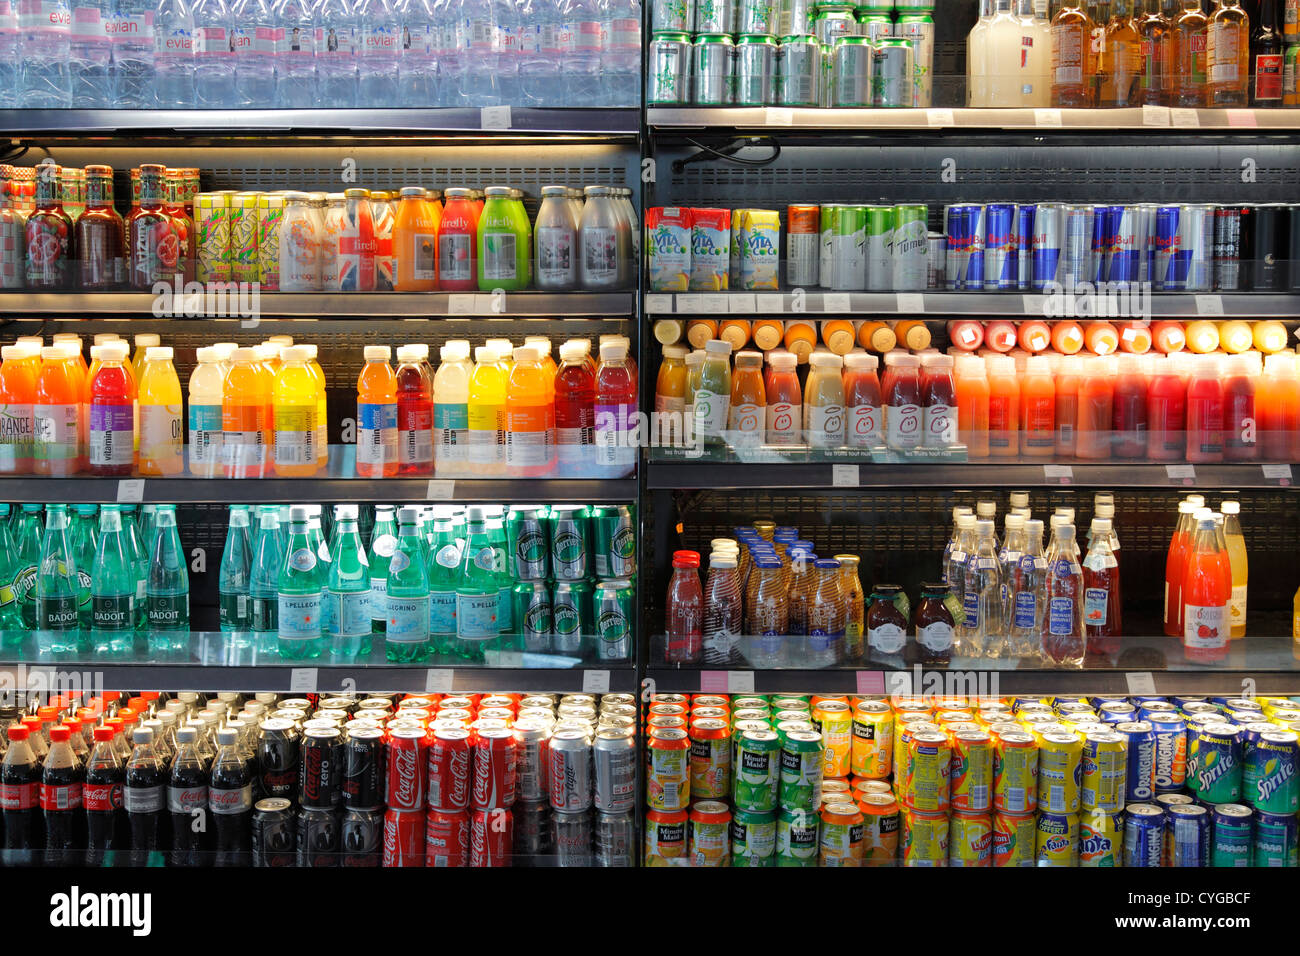 Getränke in einem Regal, Kühlschrank Stockfoto, Bild: 51376655 - Alamy